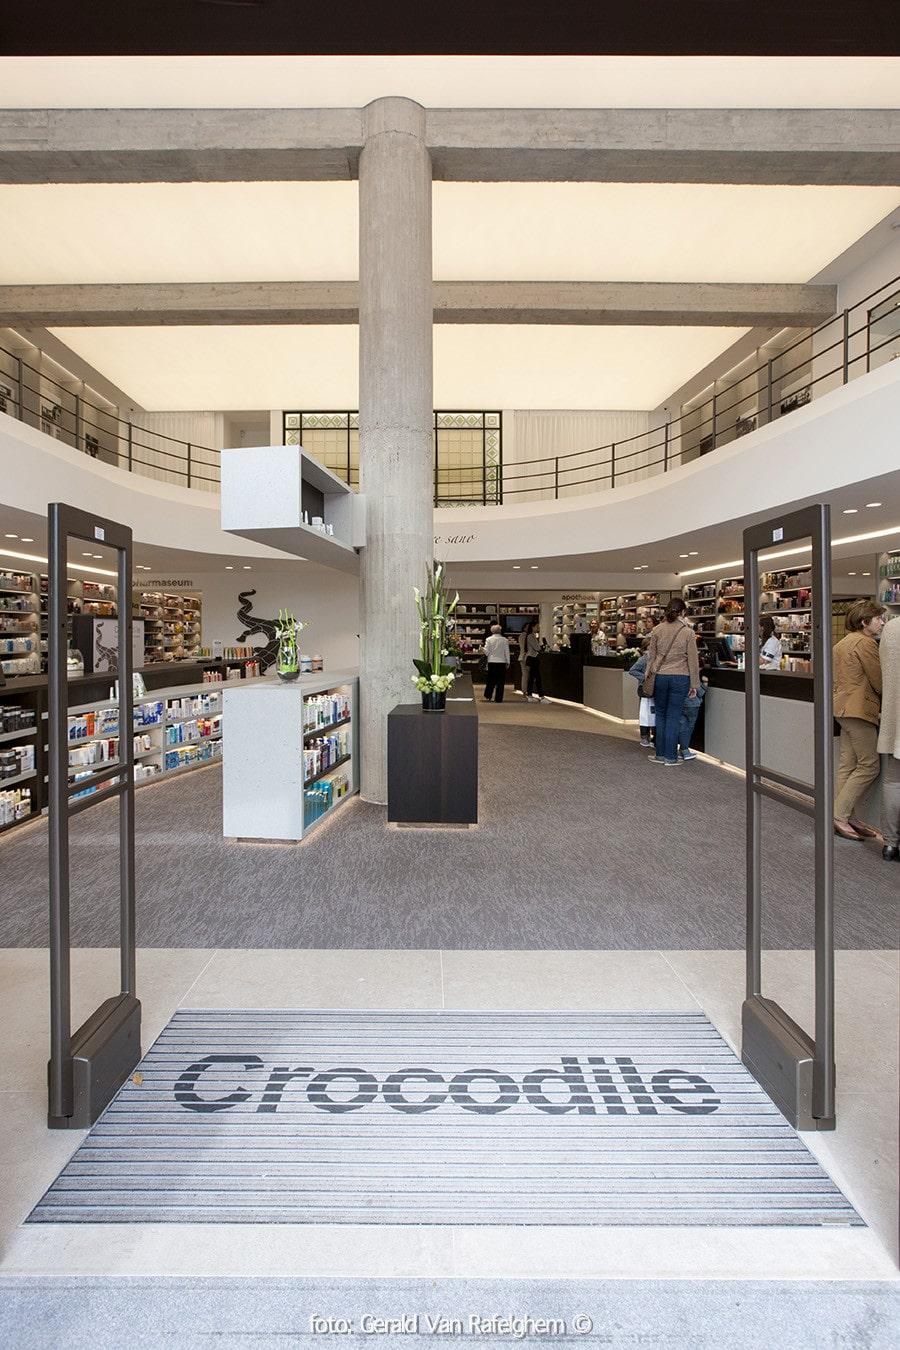 Apotheek, sanotheek én museum: het nieuwe Crocodile